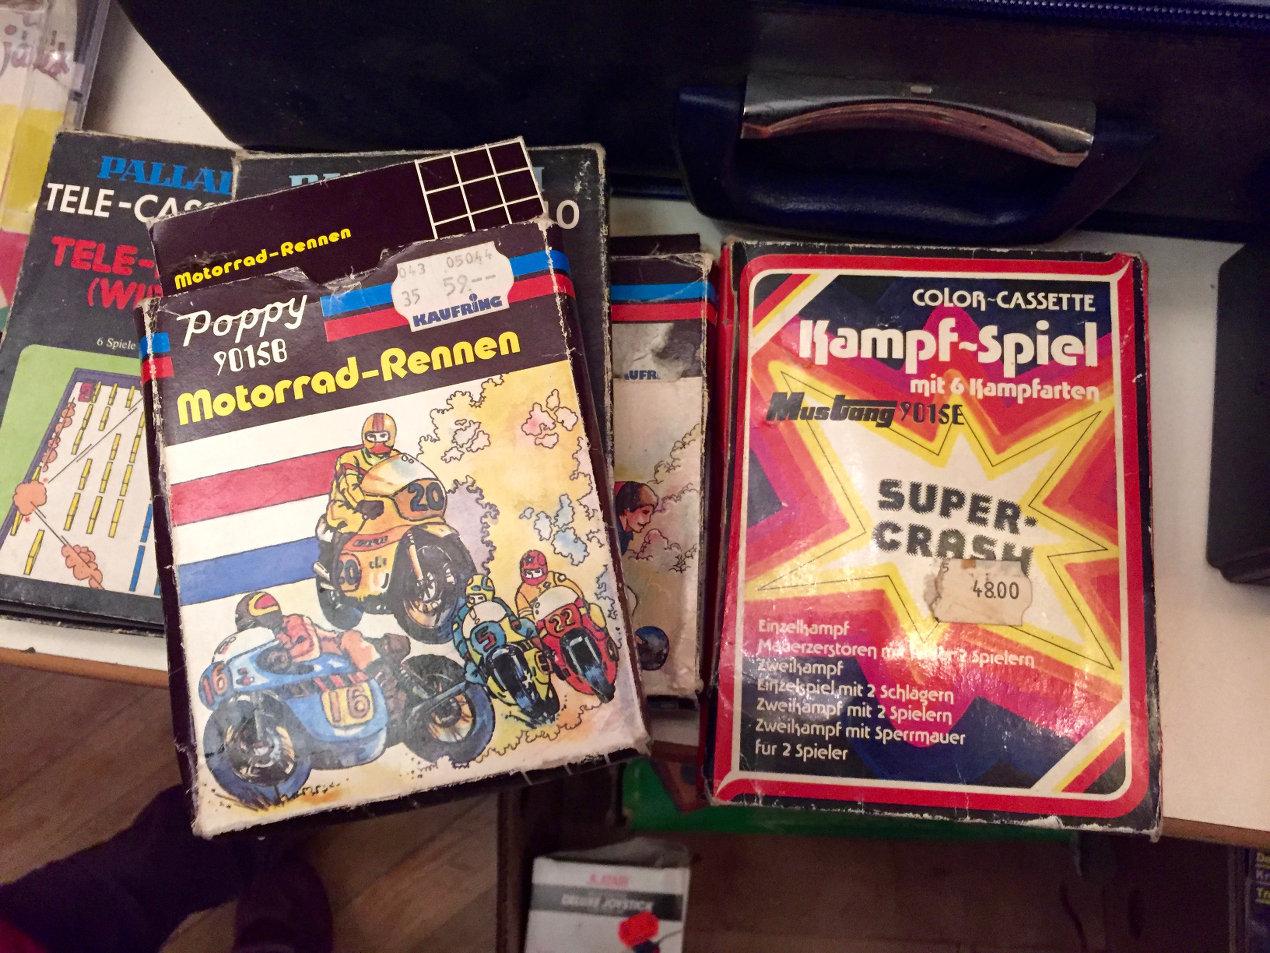 Poppy Motorrad-Rennen und Kampf-Spiel mit 6 Kampfarten. (Bild: André Eymann)